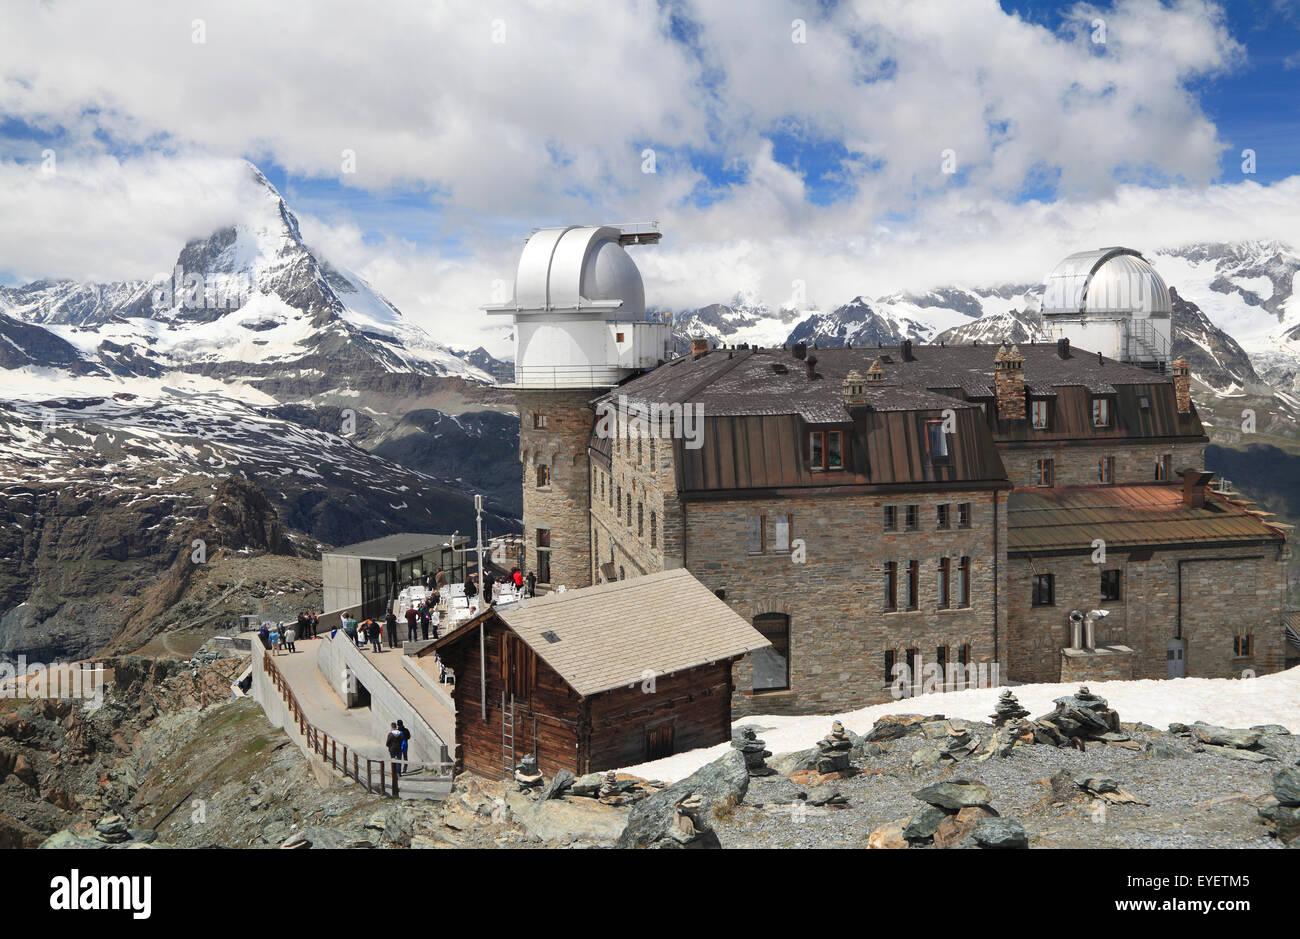 Panoramic view of Matterhorn peak from Gornergrat Mountain, Switzerland - Stock Image